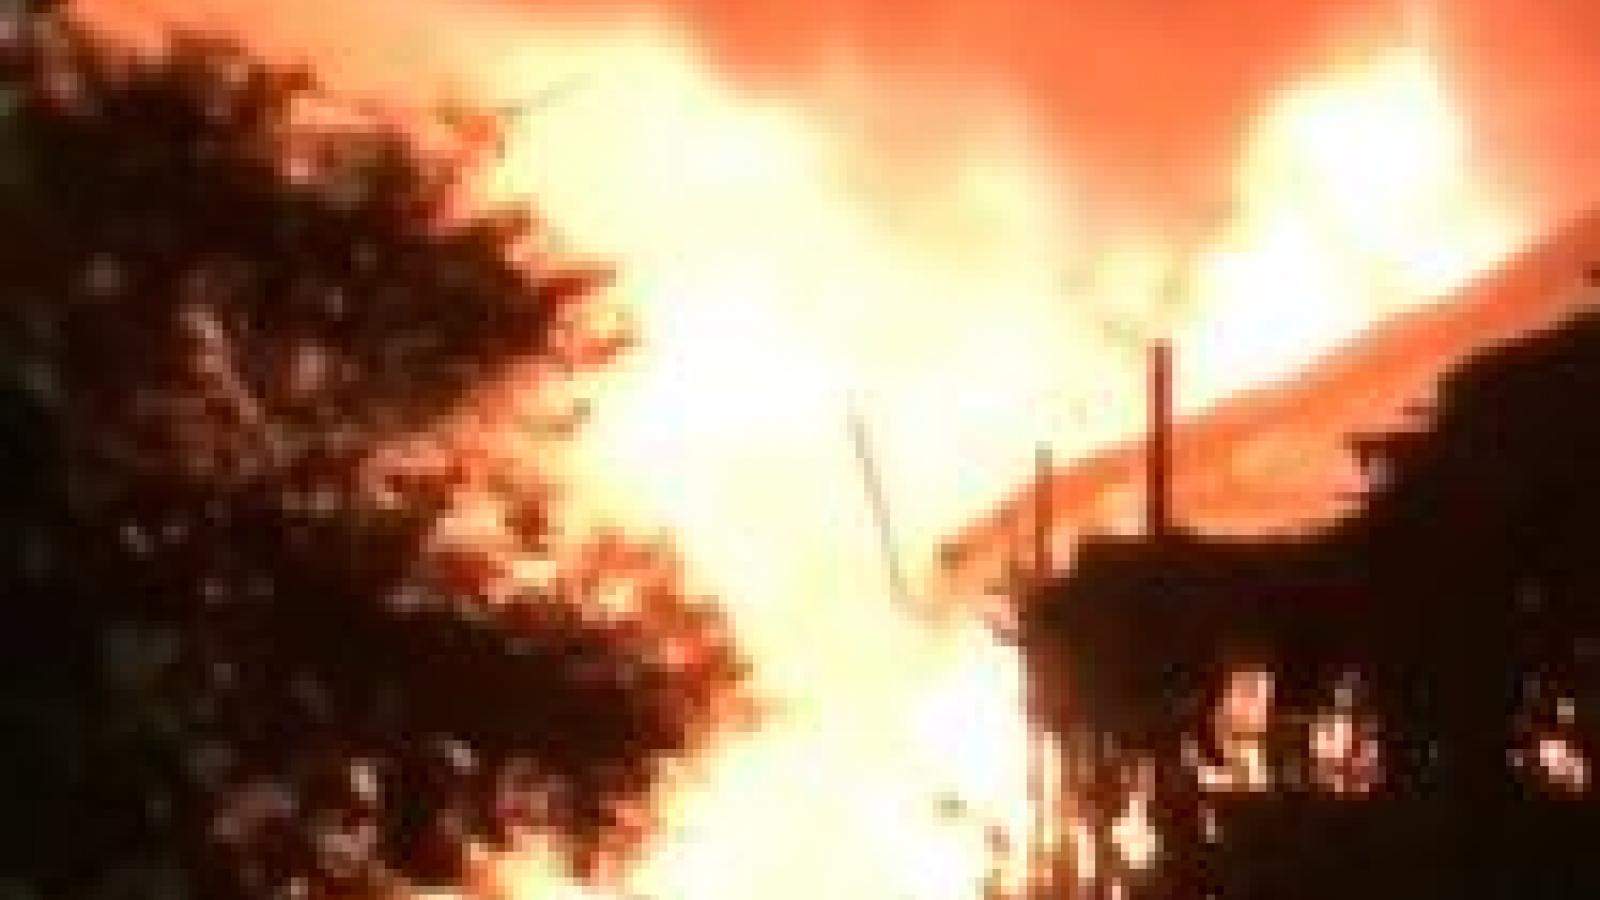 Một cửa hàng bán phụ tùng xe máy tại TP Hội An bị cháy trong đêm